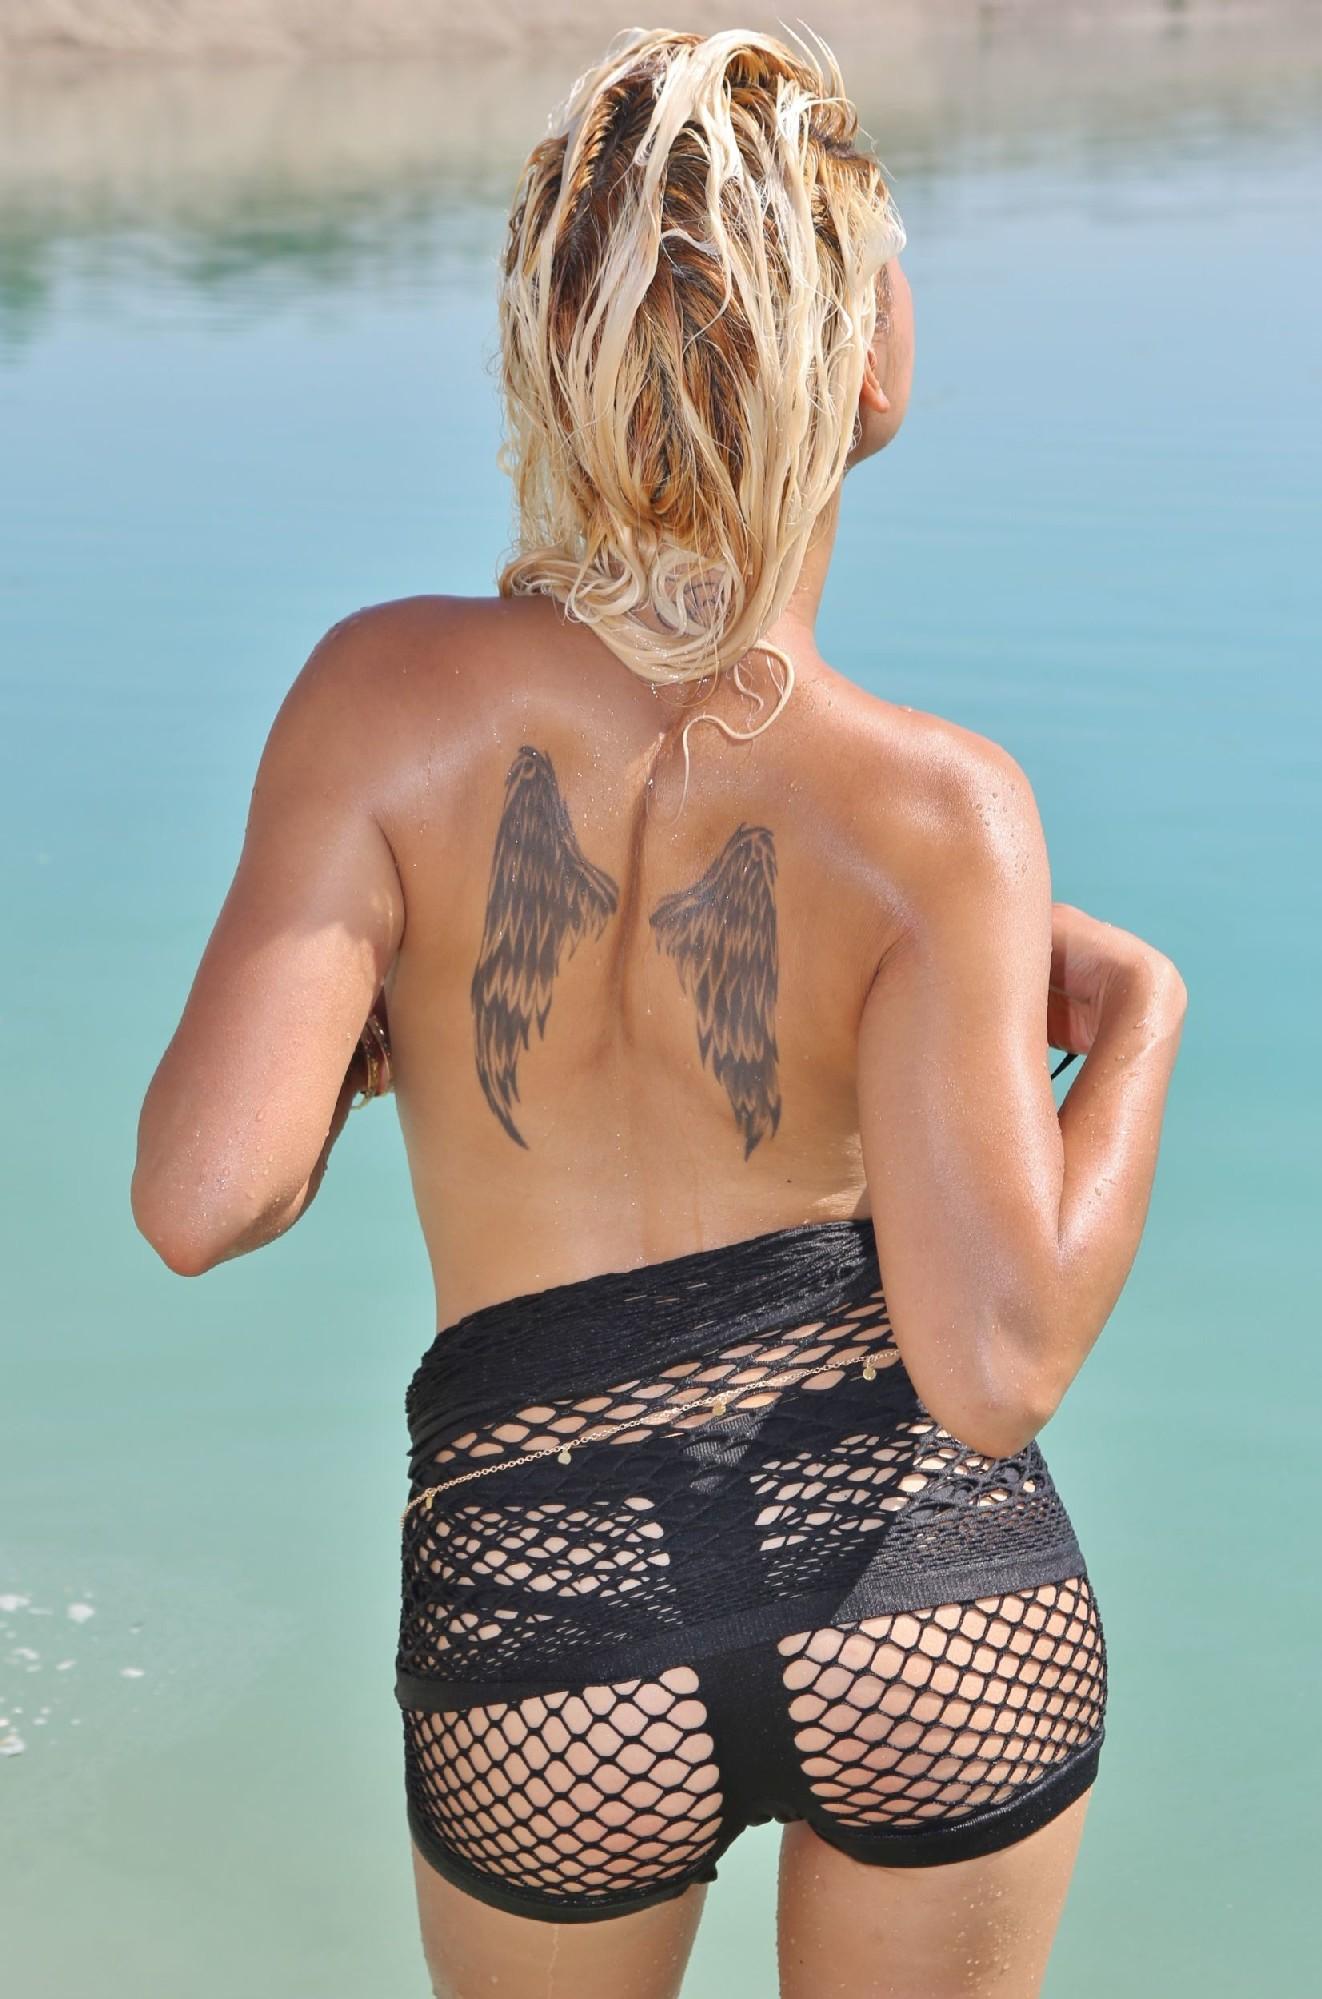 Блонда с татуировкой крыльев на спине, изгибается в разных позах на пляже